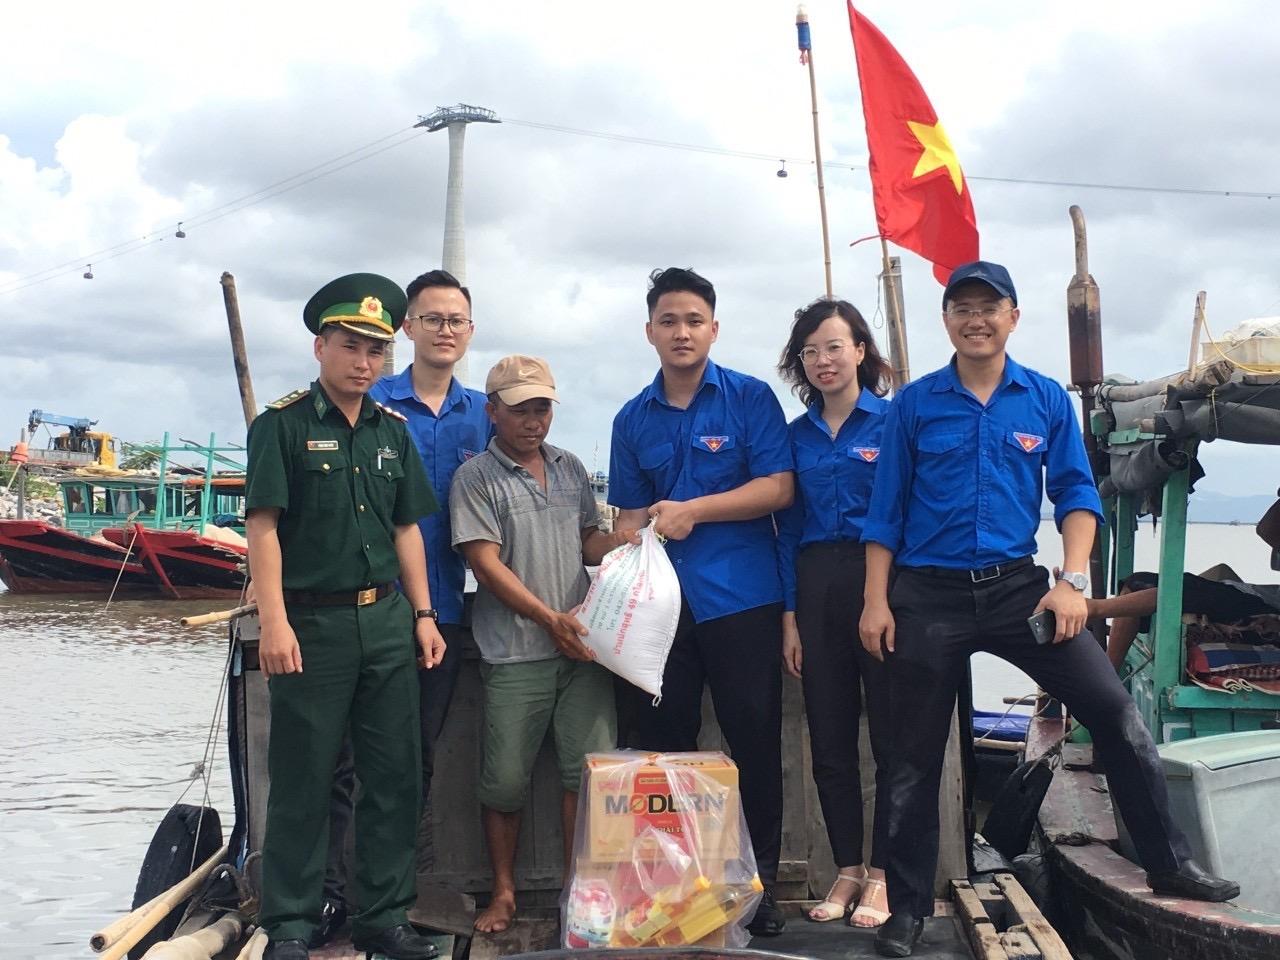 Đoàn thanh niên Báo Xây dựng với các hoạt động tình nguyện thiết thực tại huyện đảo Cát Hải